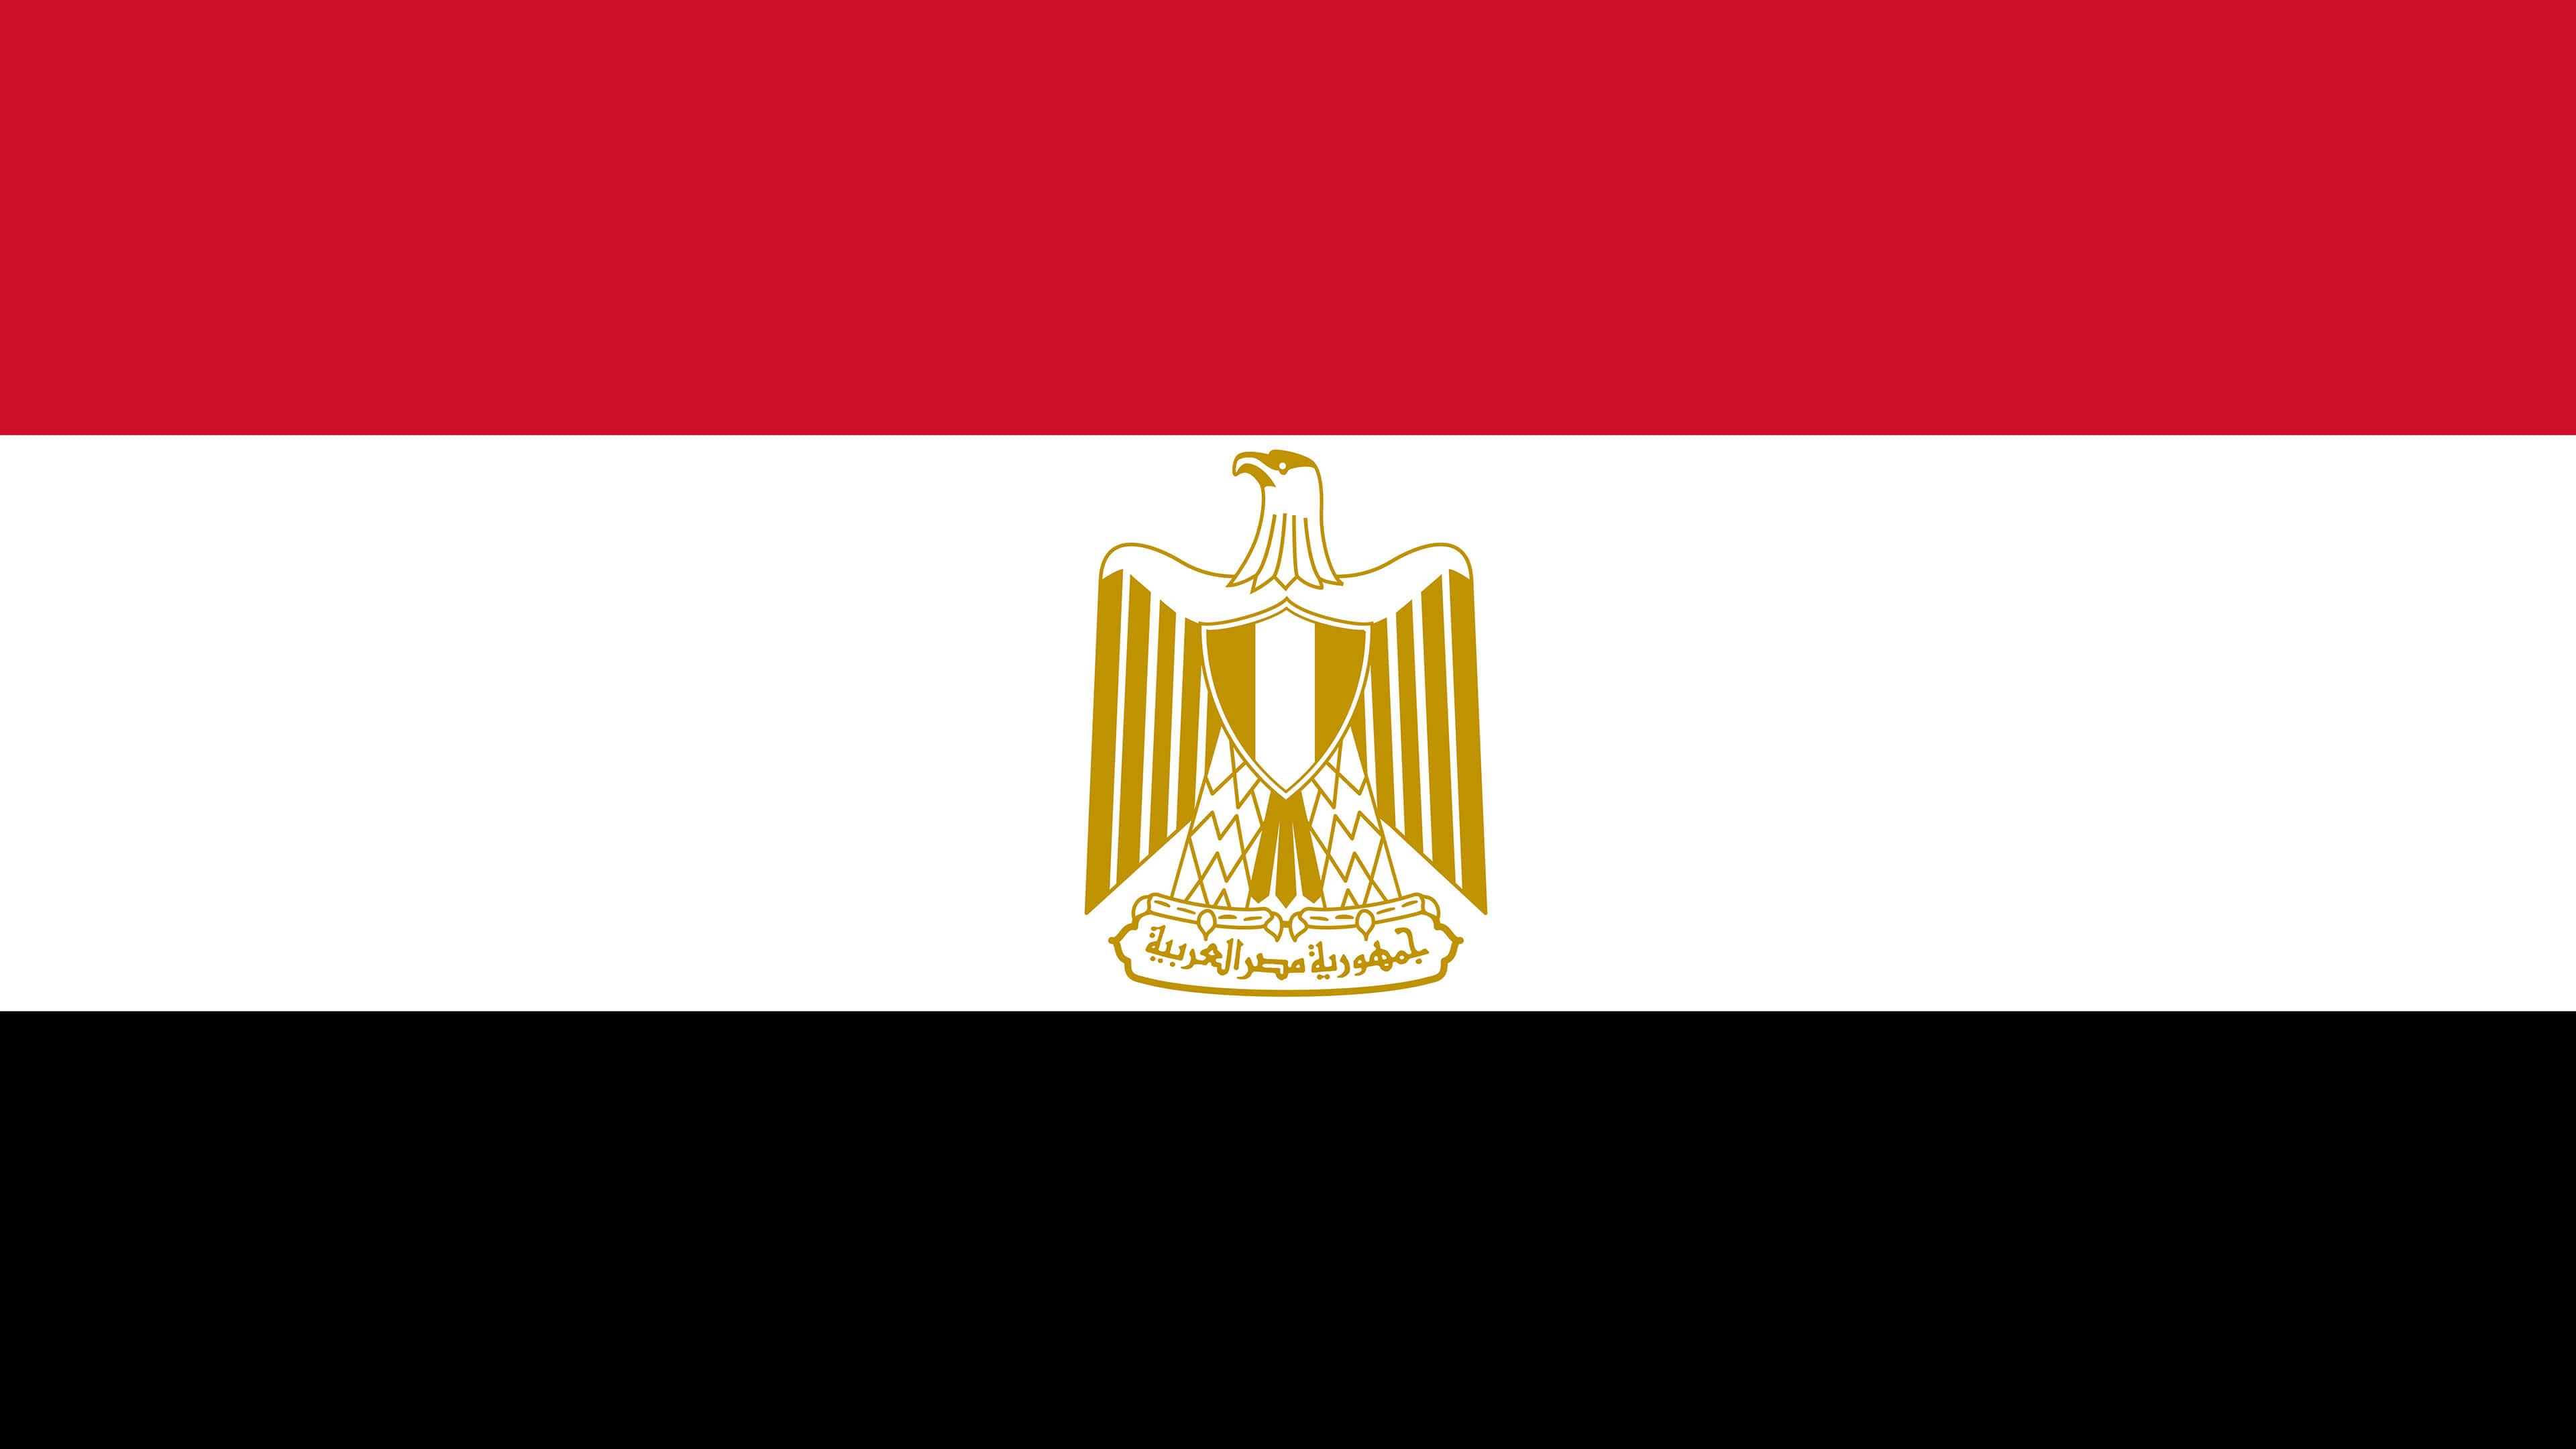 egypt flag uhd 4k wallpaper